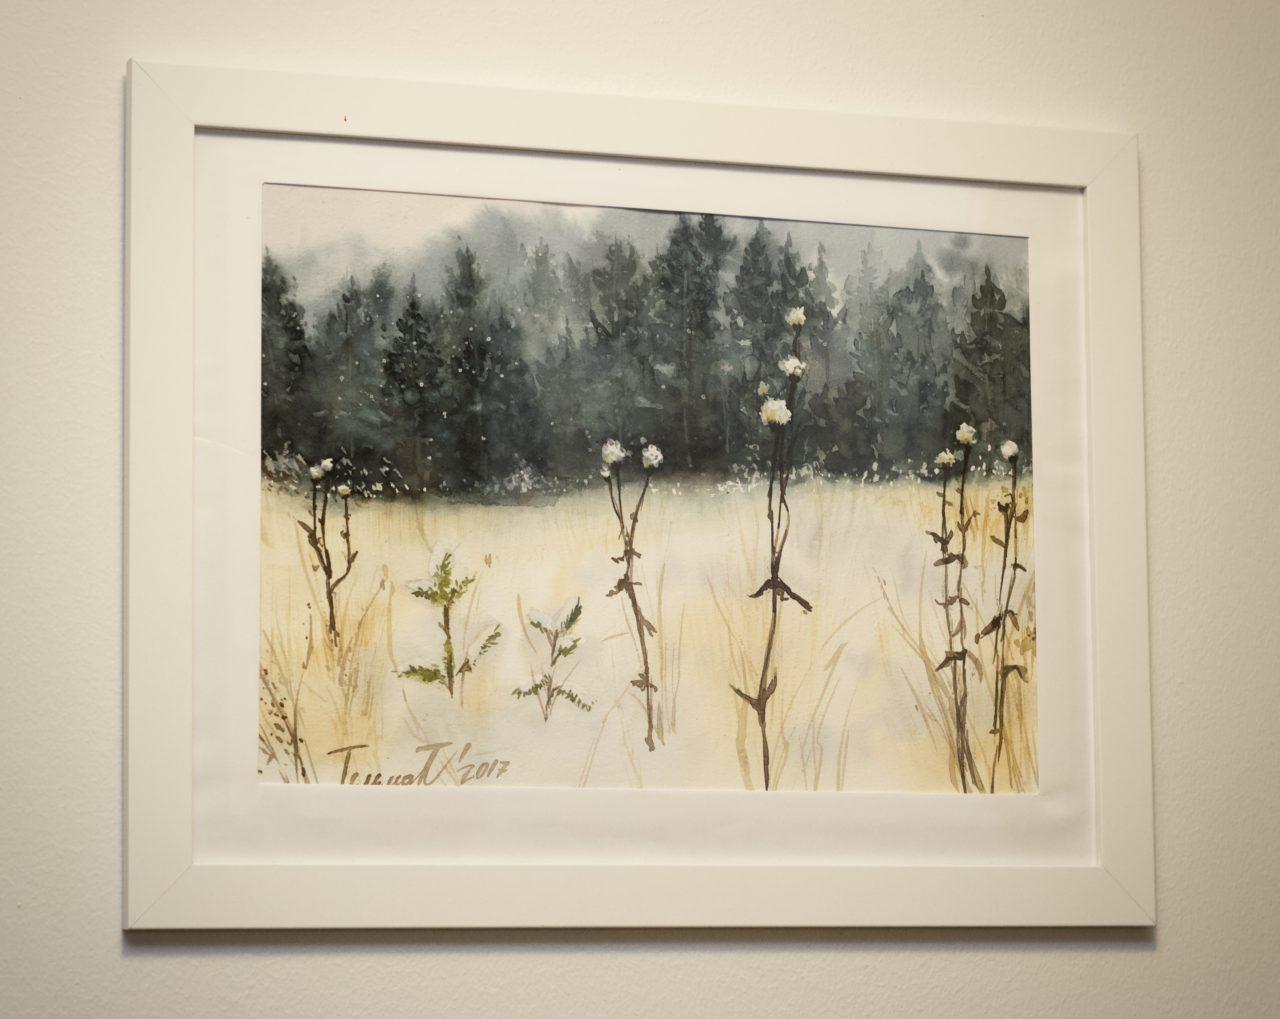 Winter flowers December 2017 - Painting course by Sergey Kurbatov